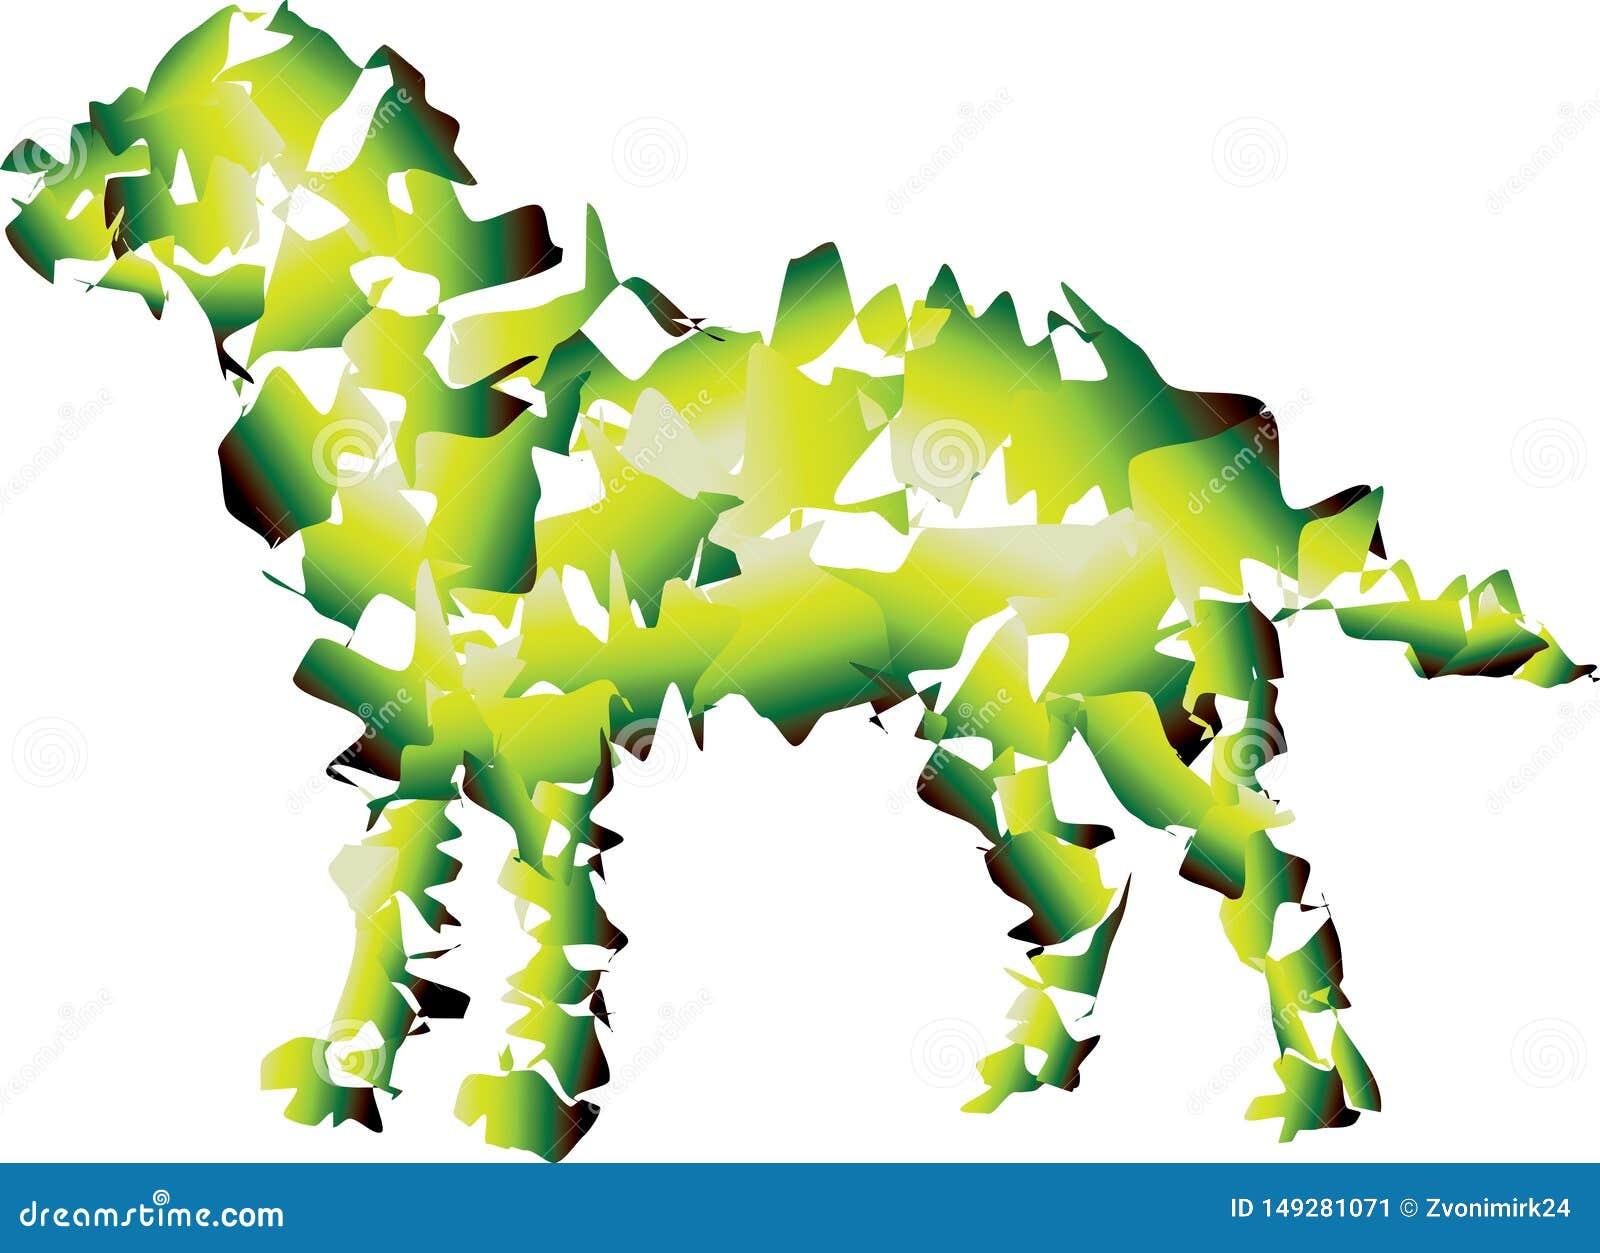 Grand chien lisse Combinaison verte et jaune